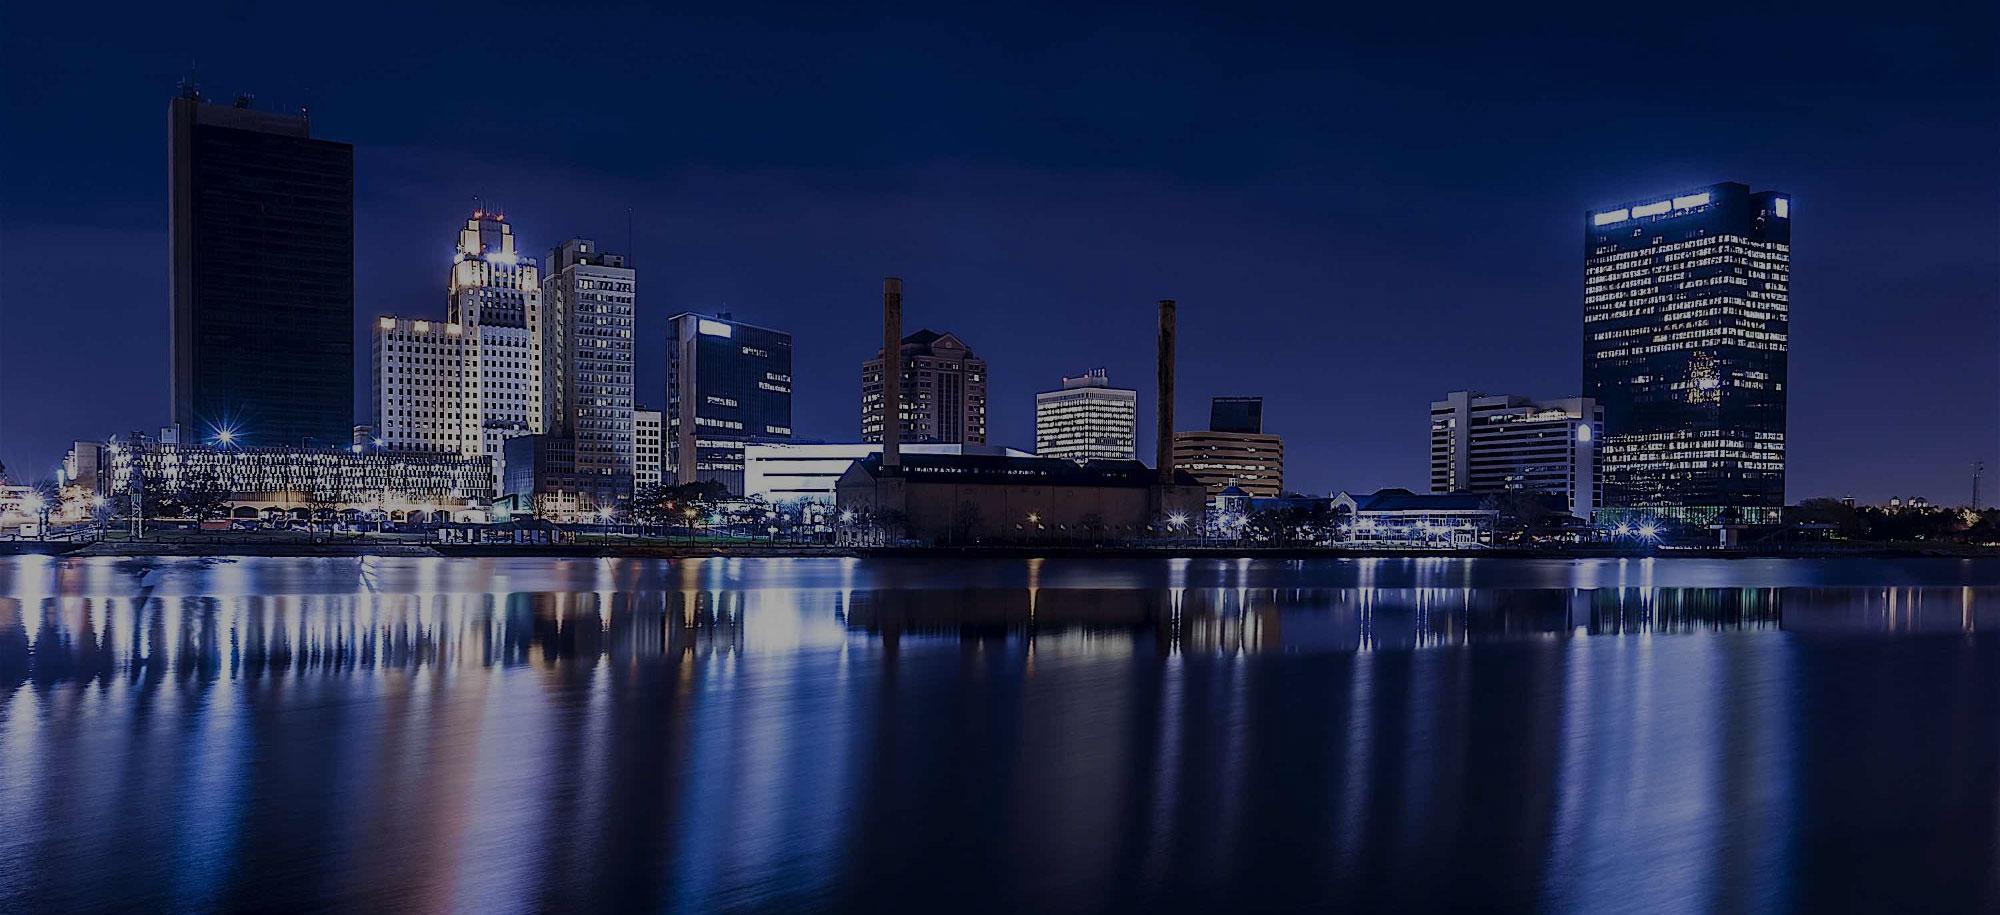 City - Night